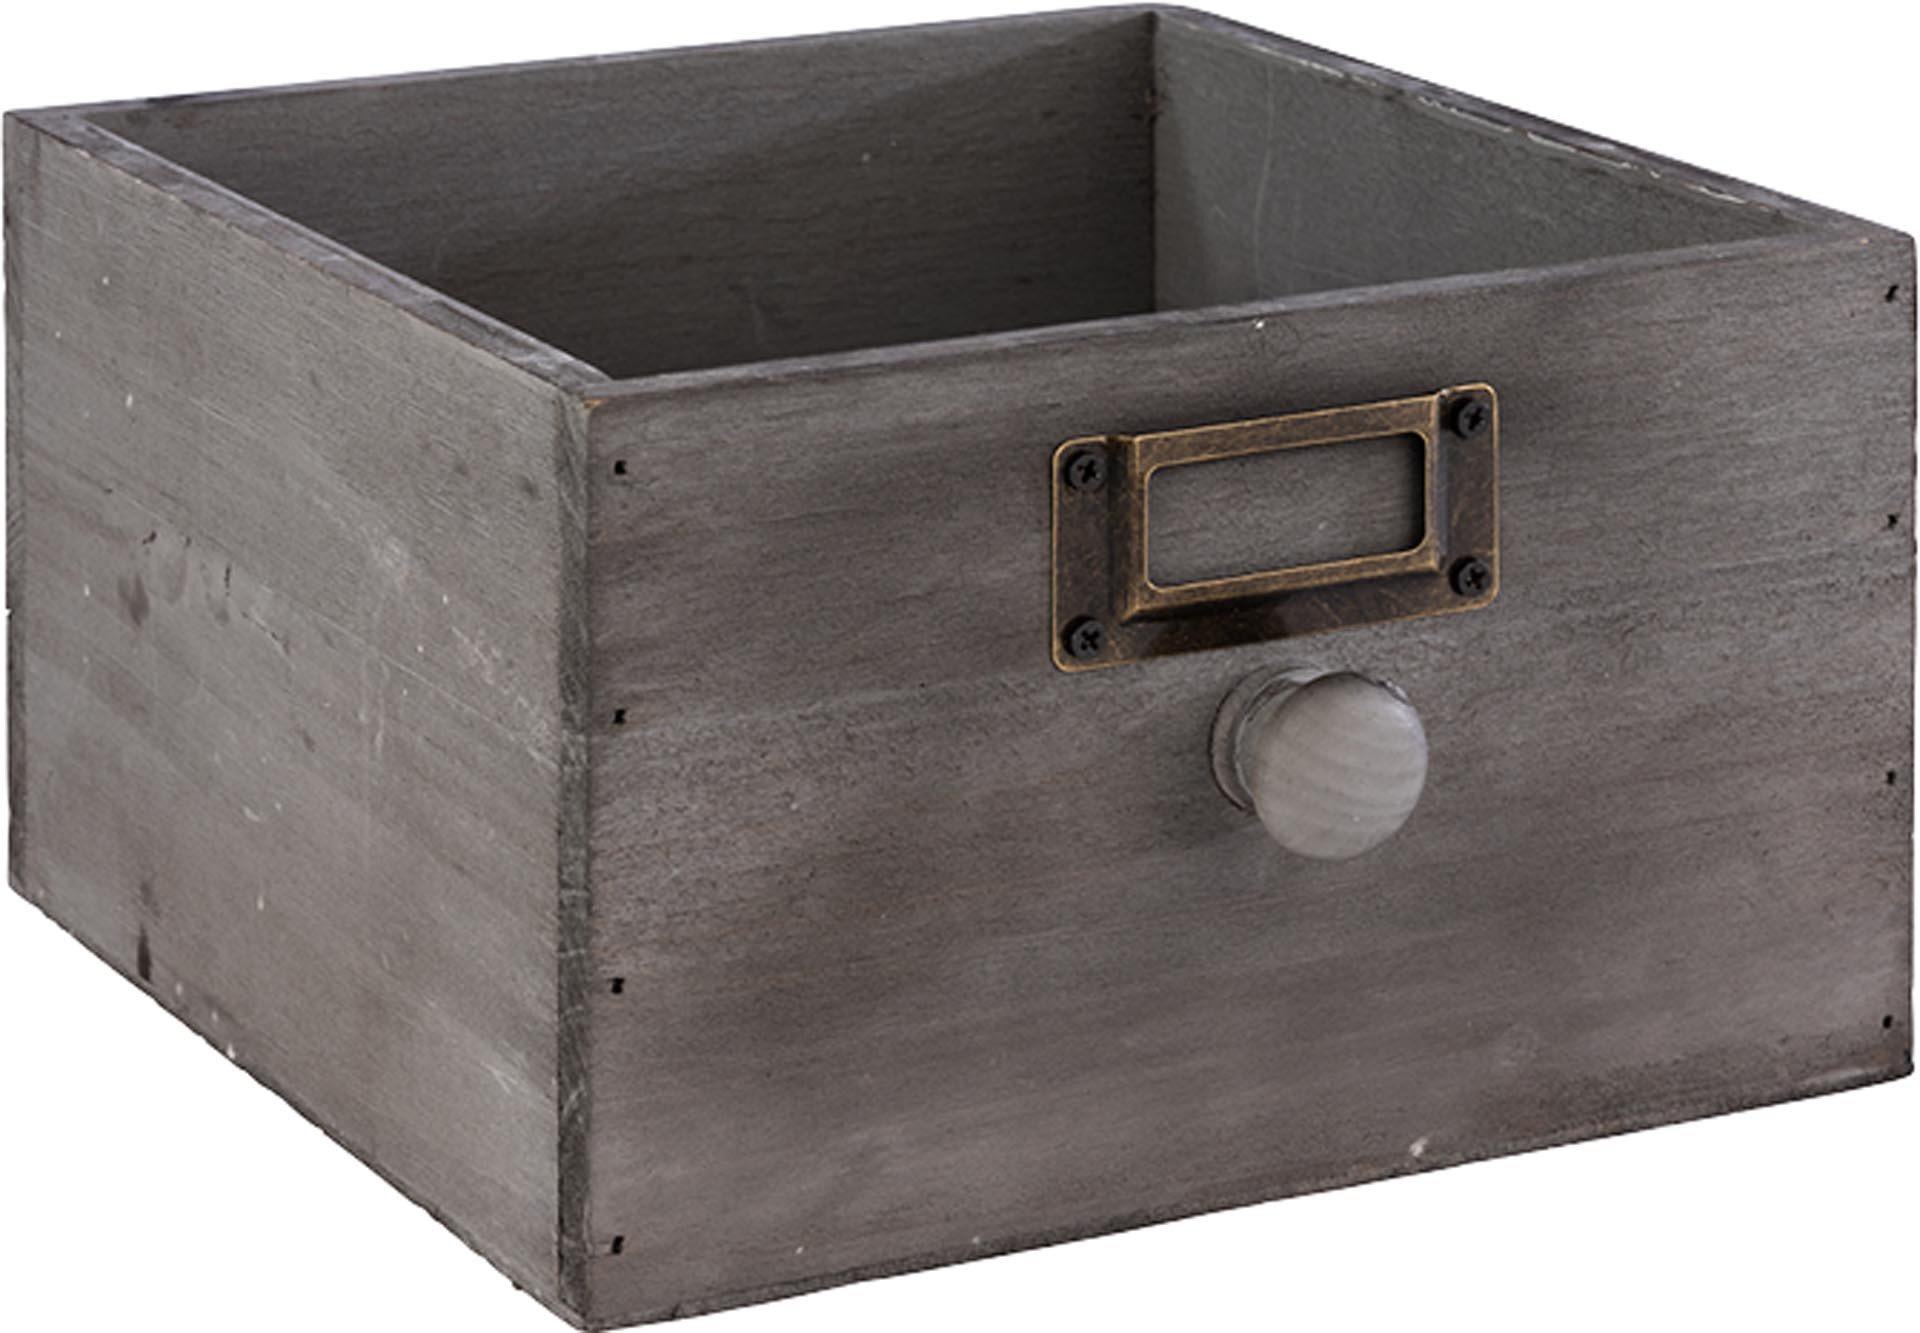 Holzkiste Vintage Grau Vorratsbehalter Lagerung Wirtschaftsartikel Kuchenzubehor Siller Laar 360 Online Mehr Als Nur Ein Shop